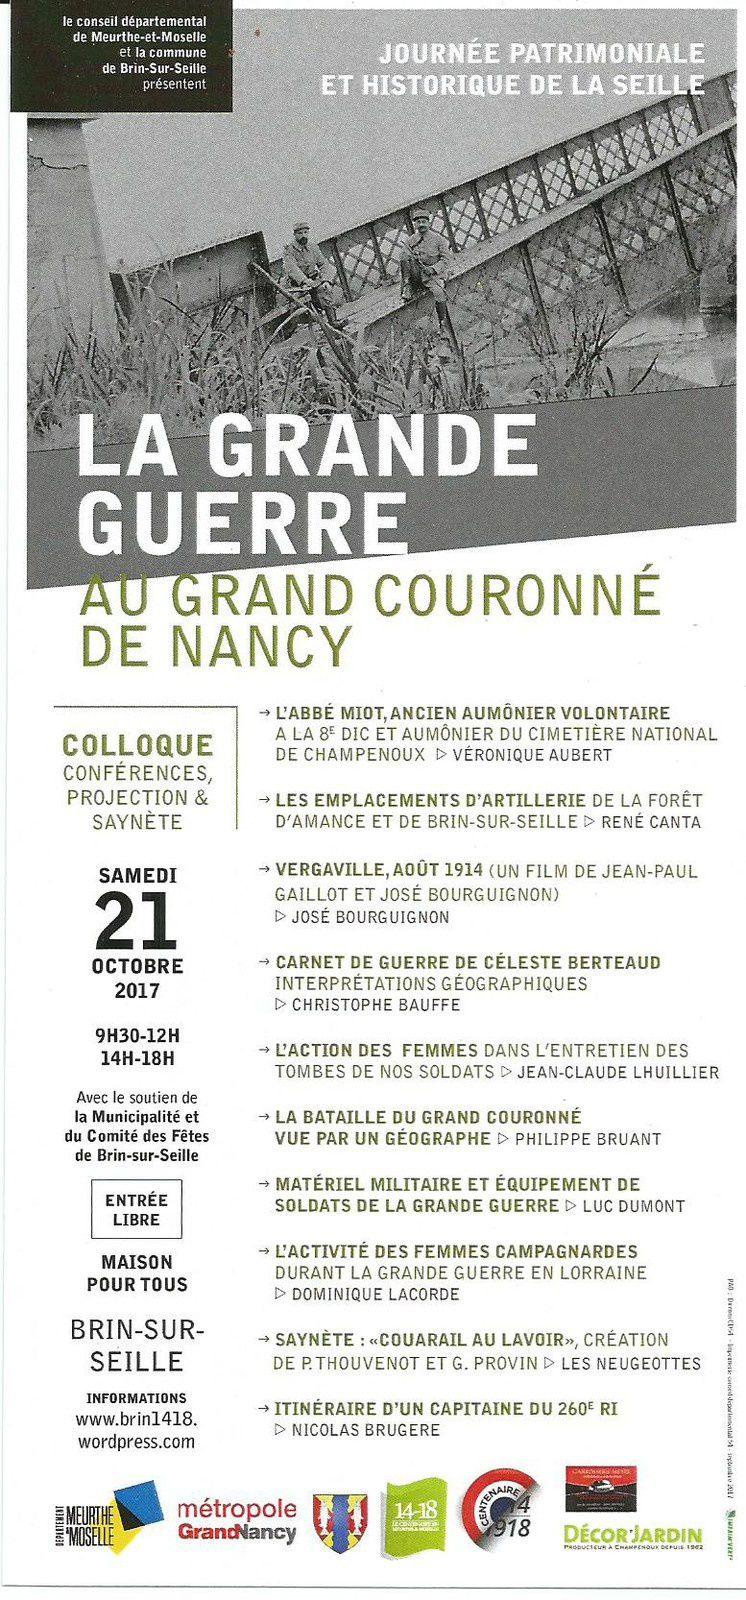 La guerre 1914-1918 : rencontres et débats à Brin-sur-Seille le 21 octobre 2017